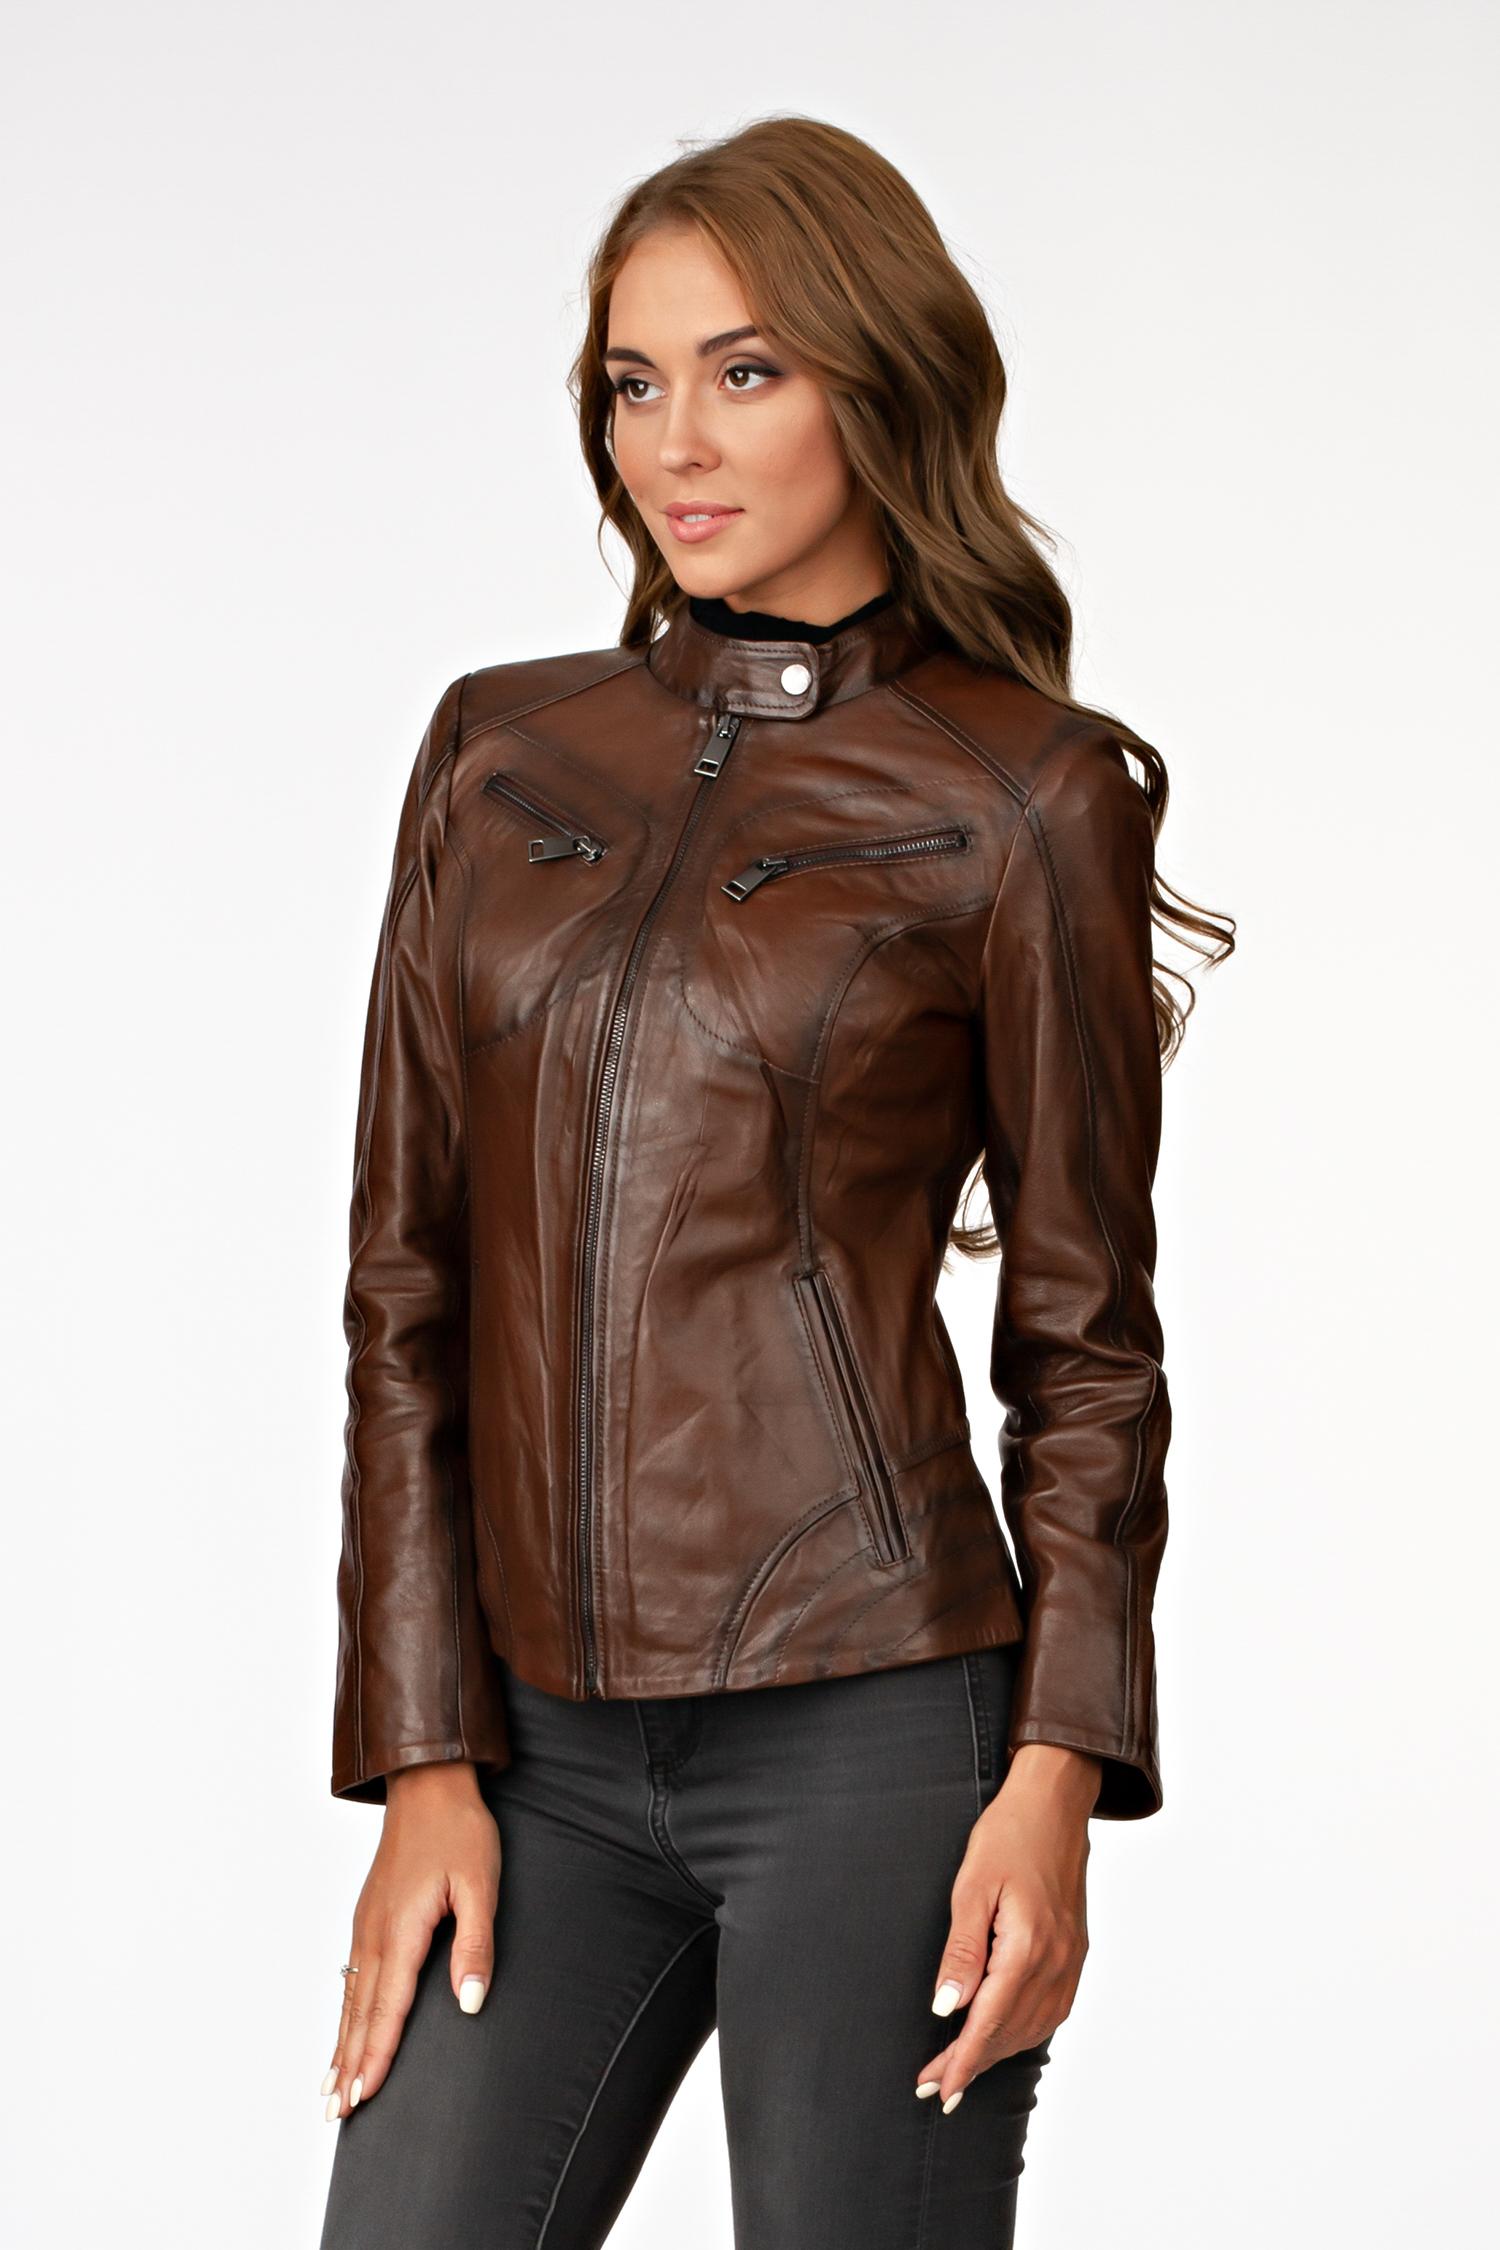 Фото #1: Женская кожаная куртка из натуральной кожи с воротником, без отделки